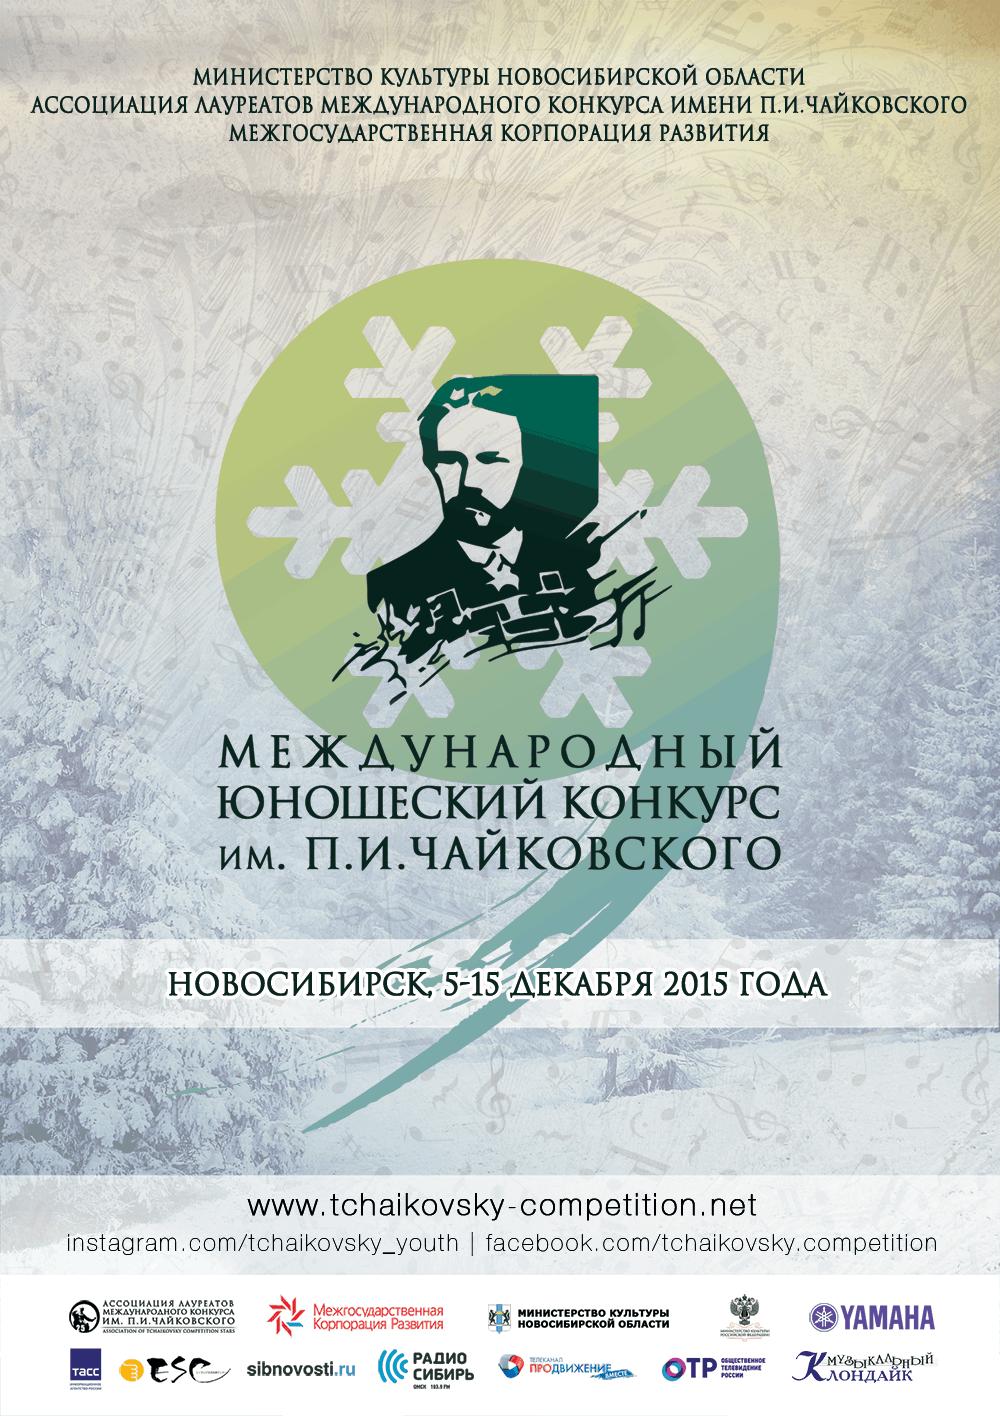 Оргкомитет IX Международного юношеского конкурса им. П. И. Чайковского подвел итоги приема заявок